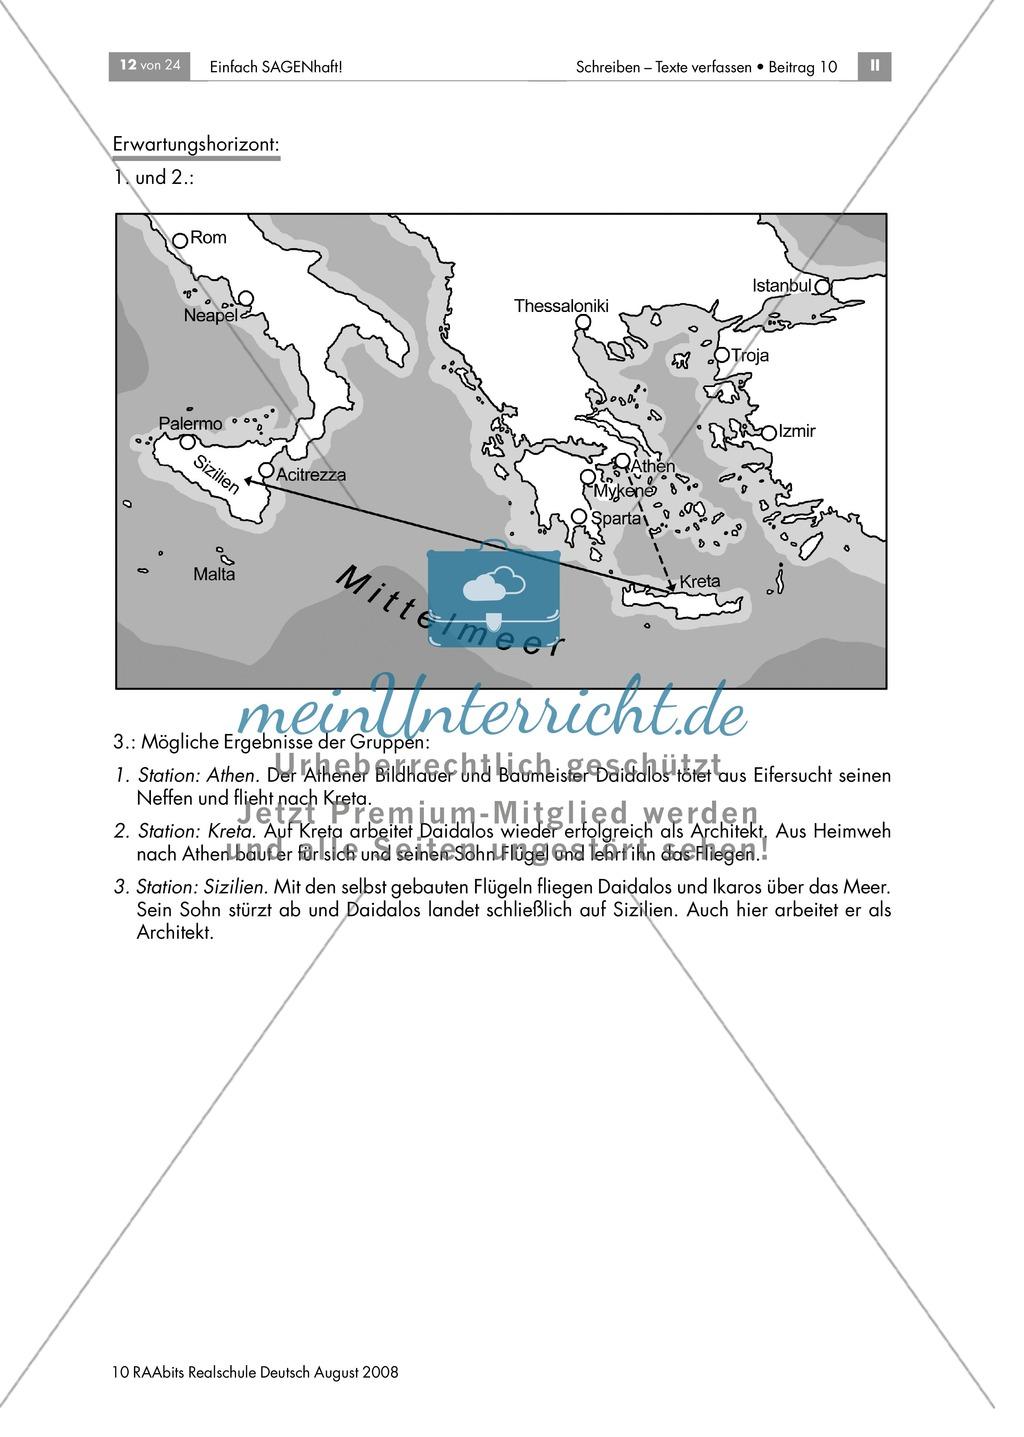 Daidalos und Ikarus: Den Inhalt der Sagen in eigenen Worten zusammenfassen Preview 5